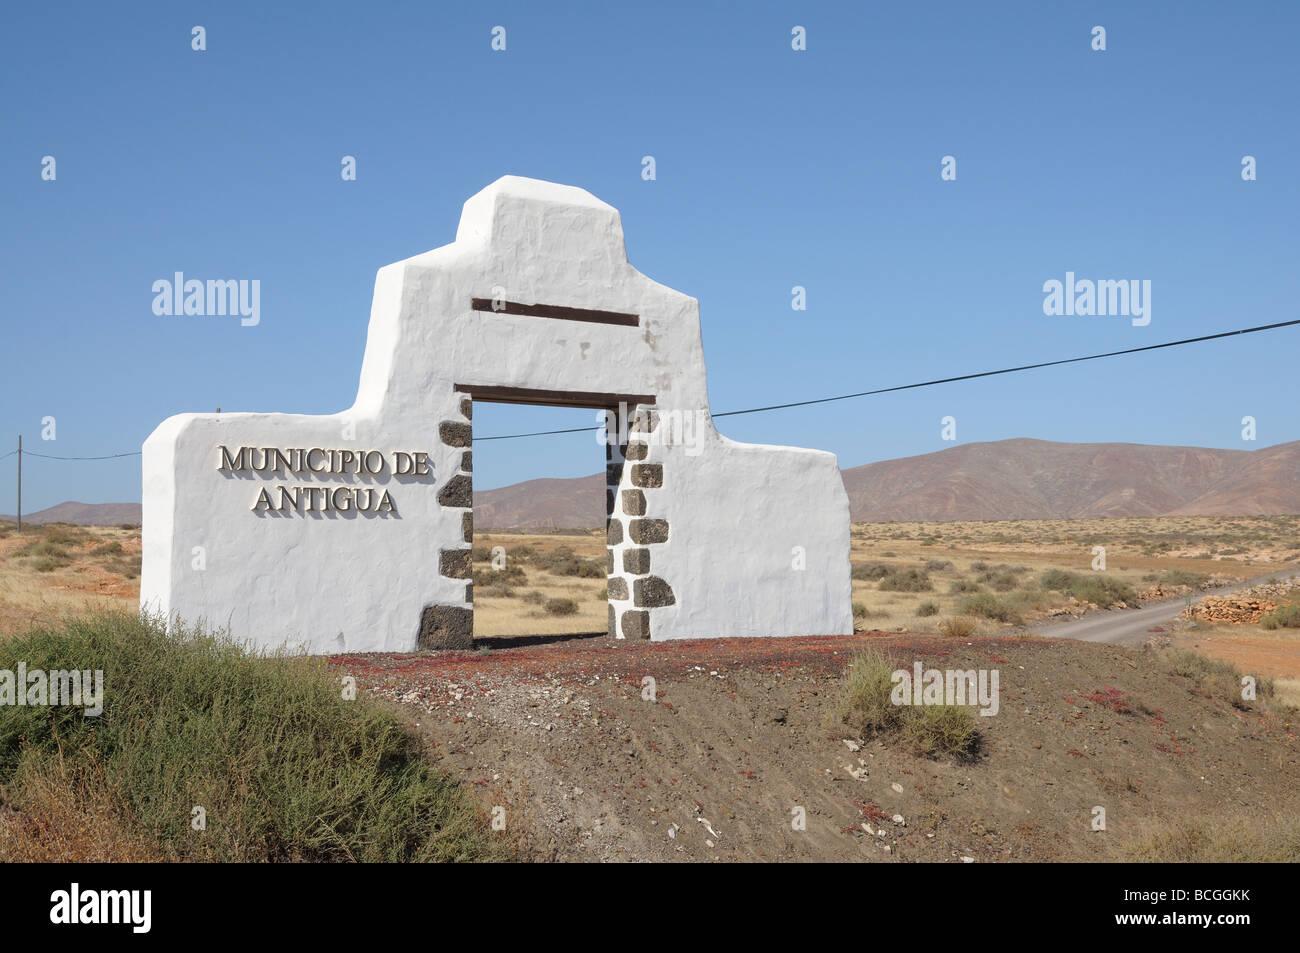 Municipio de Antigua, Isola Canarie Fuerteventura, Spagna Foto Stock